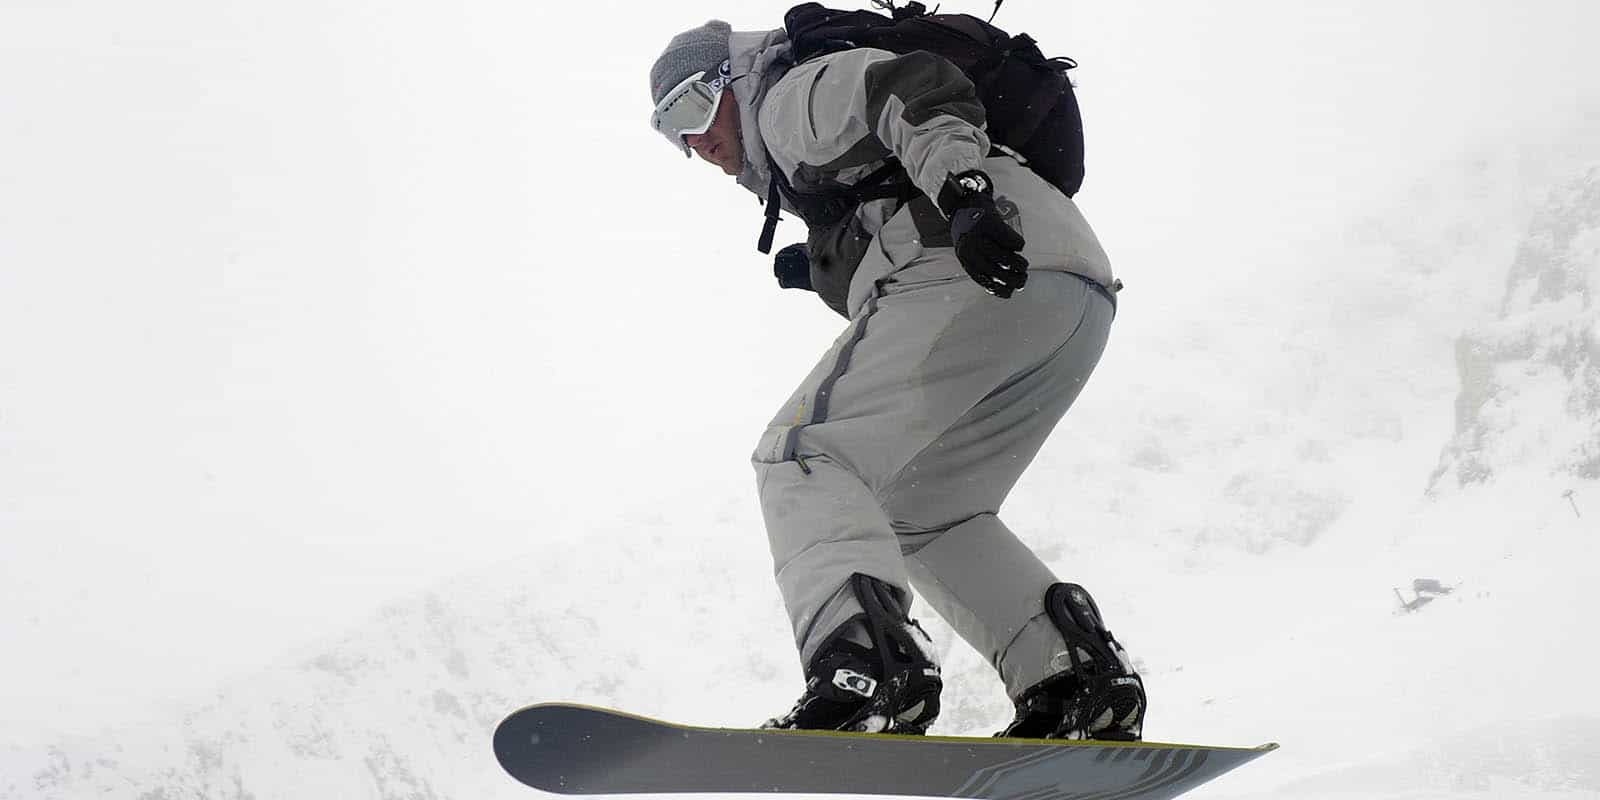 ski insurance